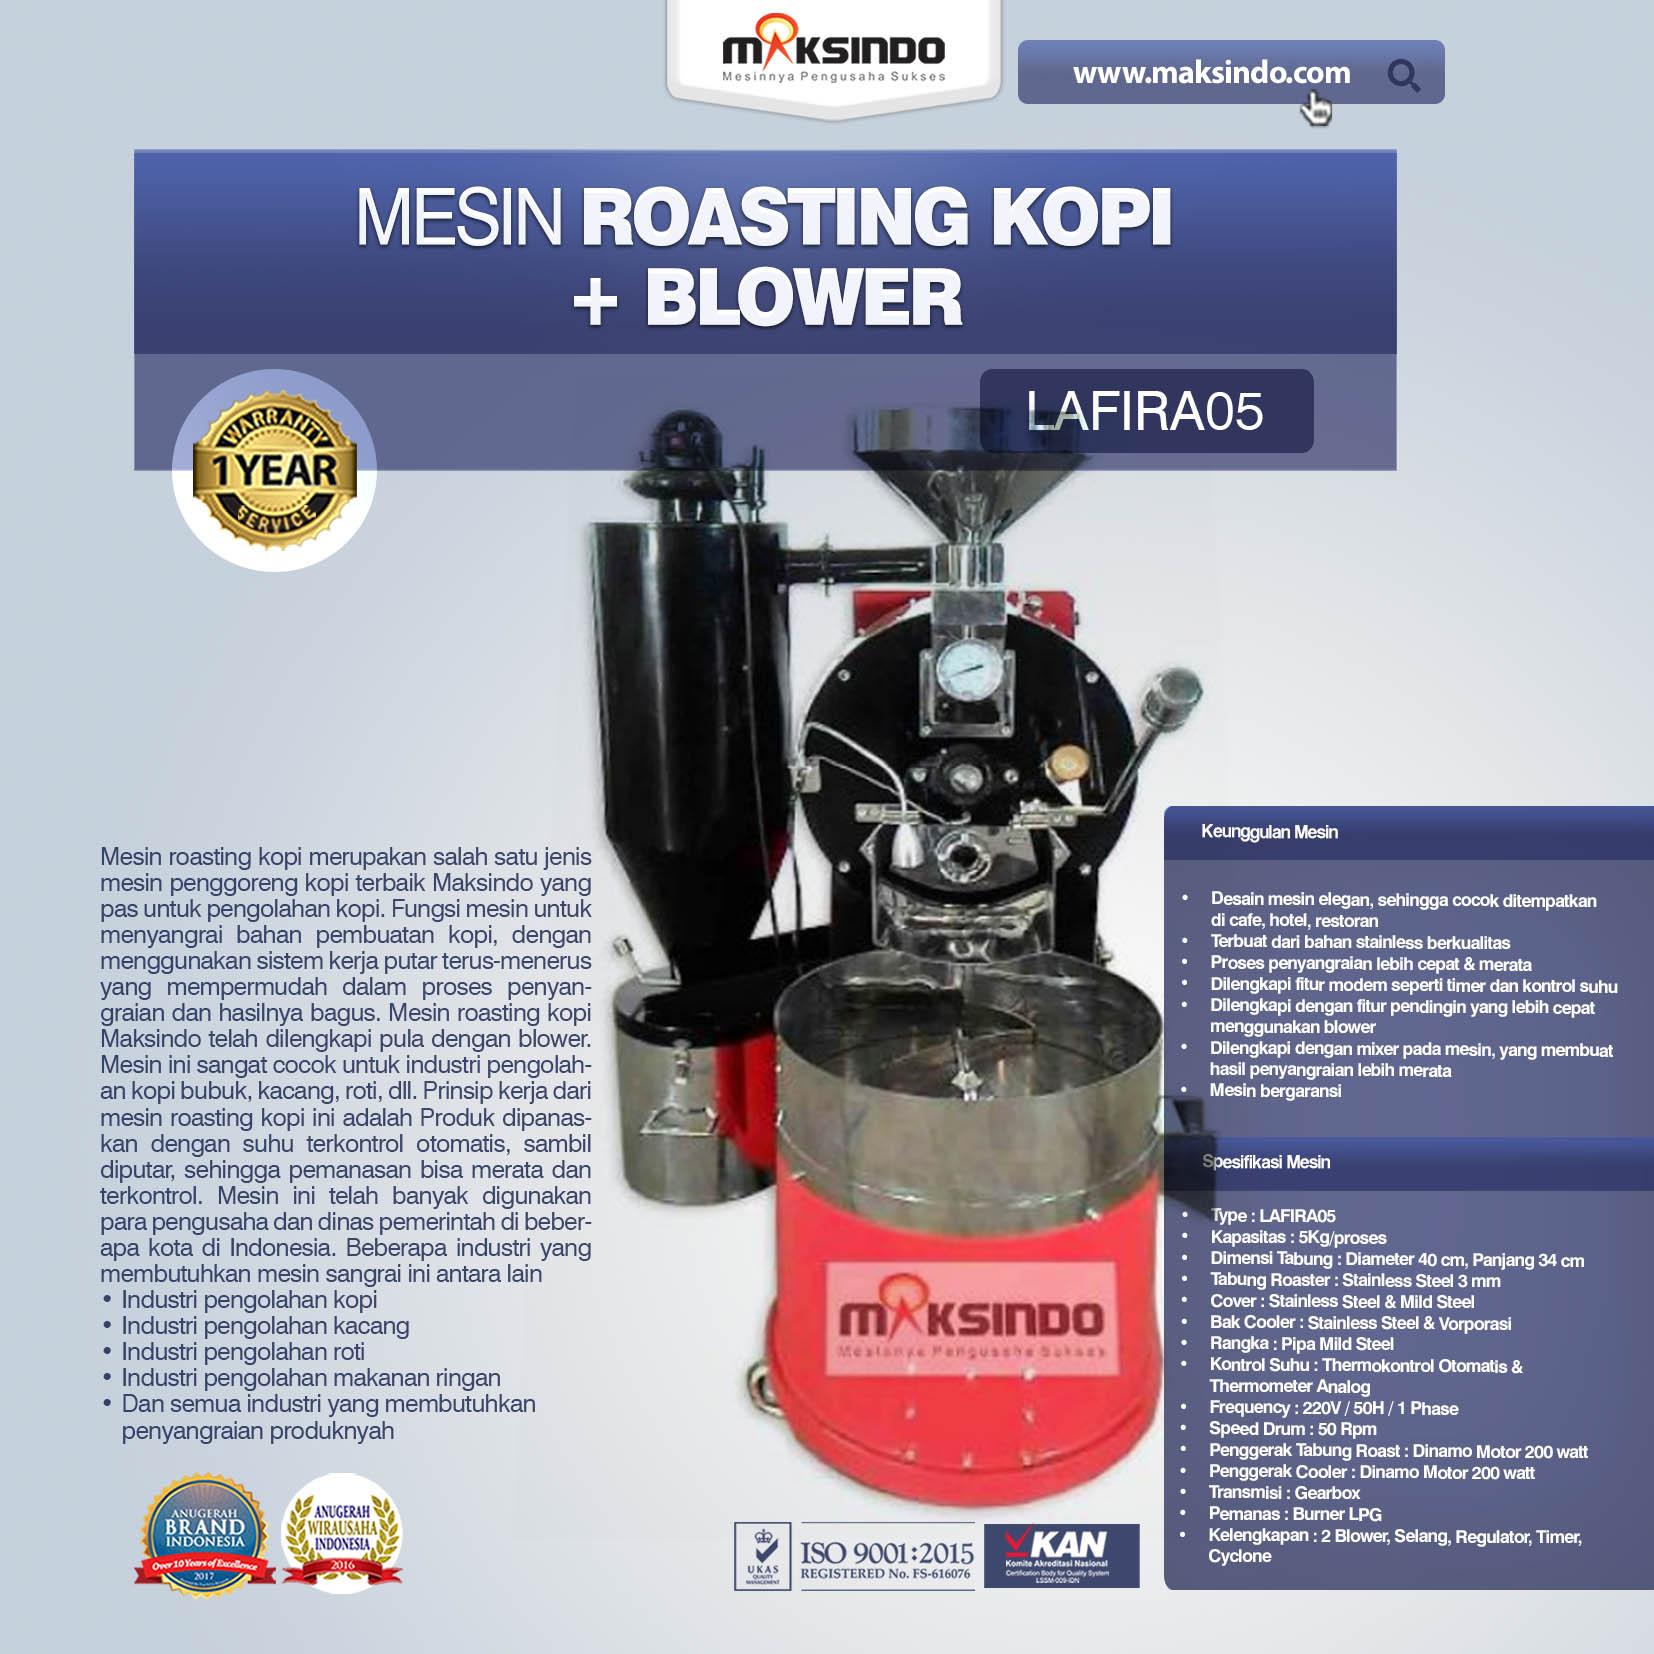 Jual Mesin Roasting Kopi + Blower LAFIRA05 di Medan